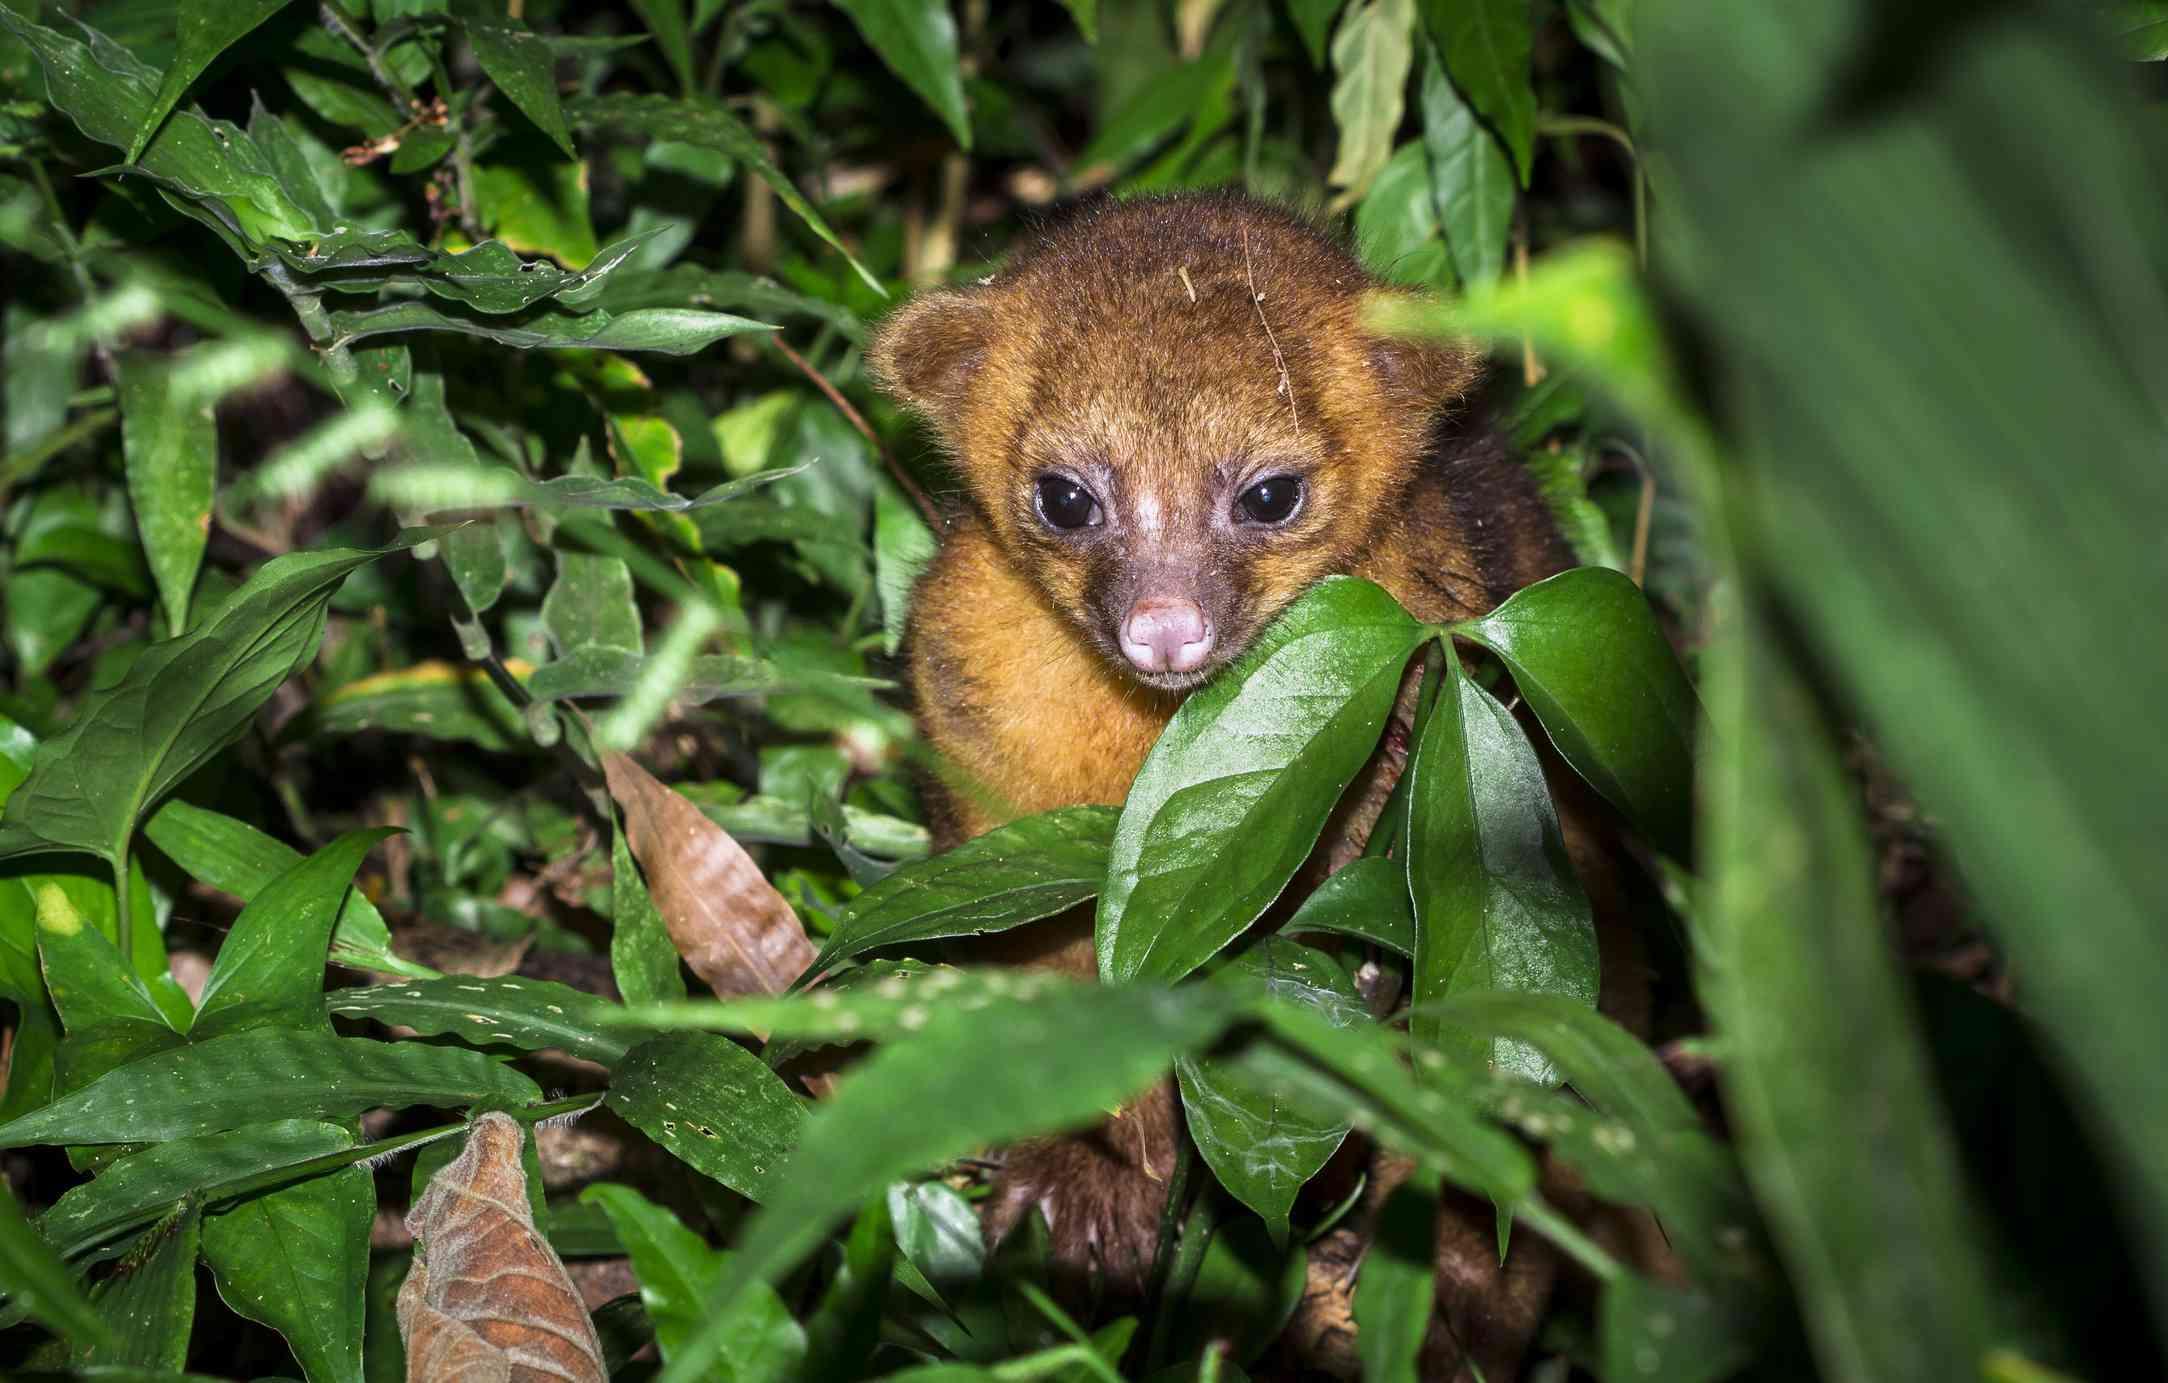 cute kinkajou hiding in jungle leaves